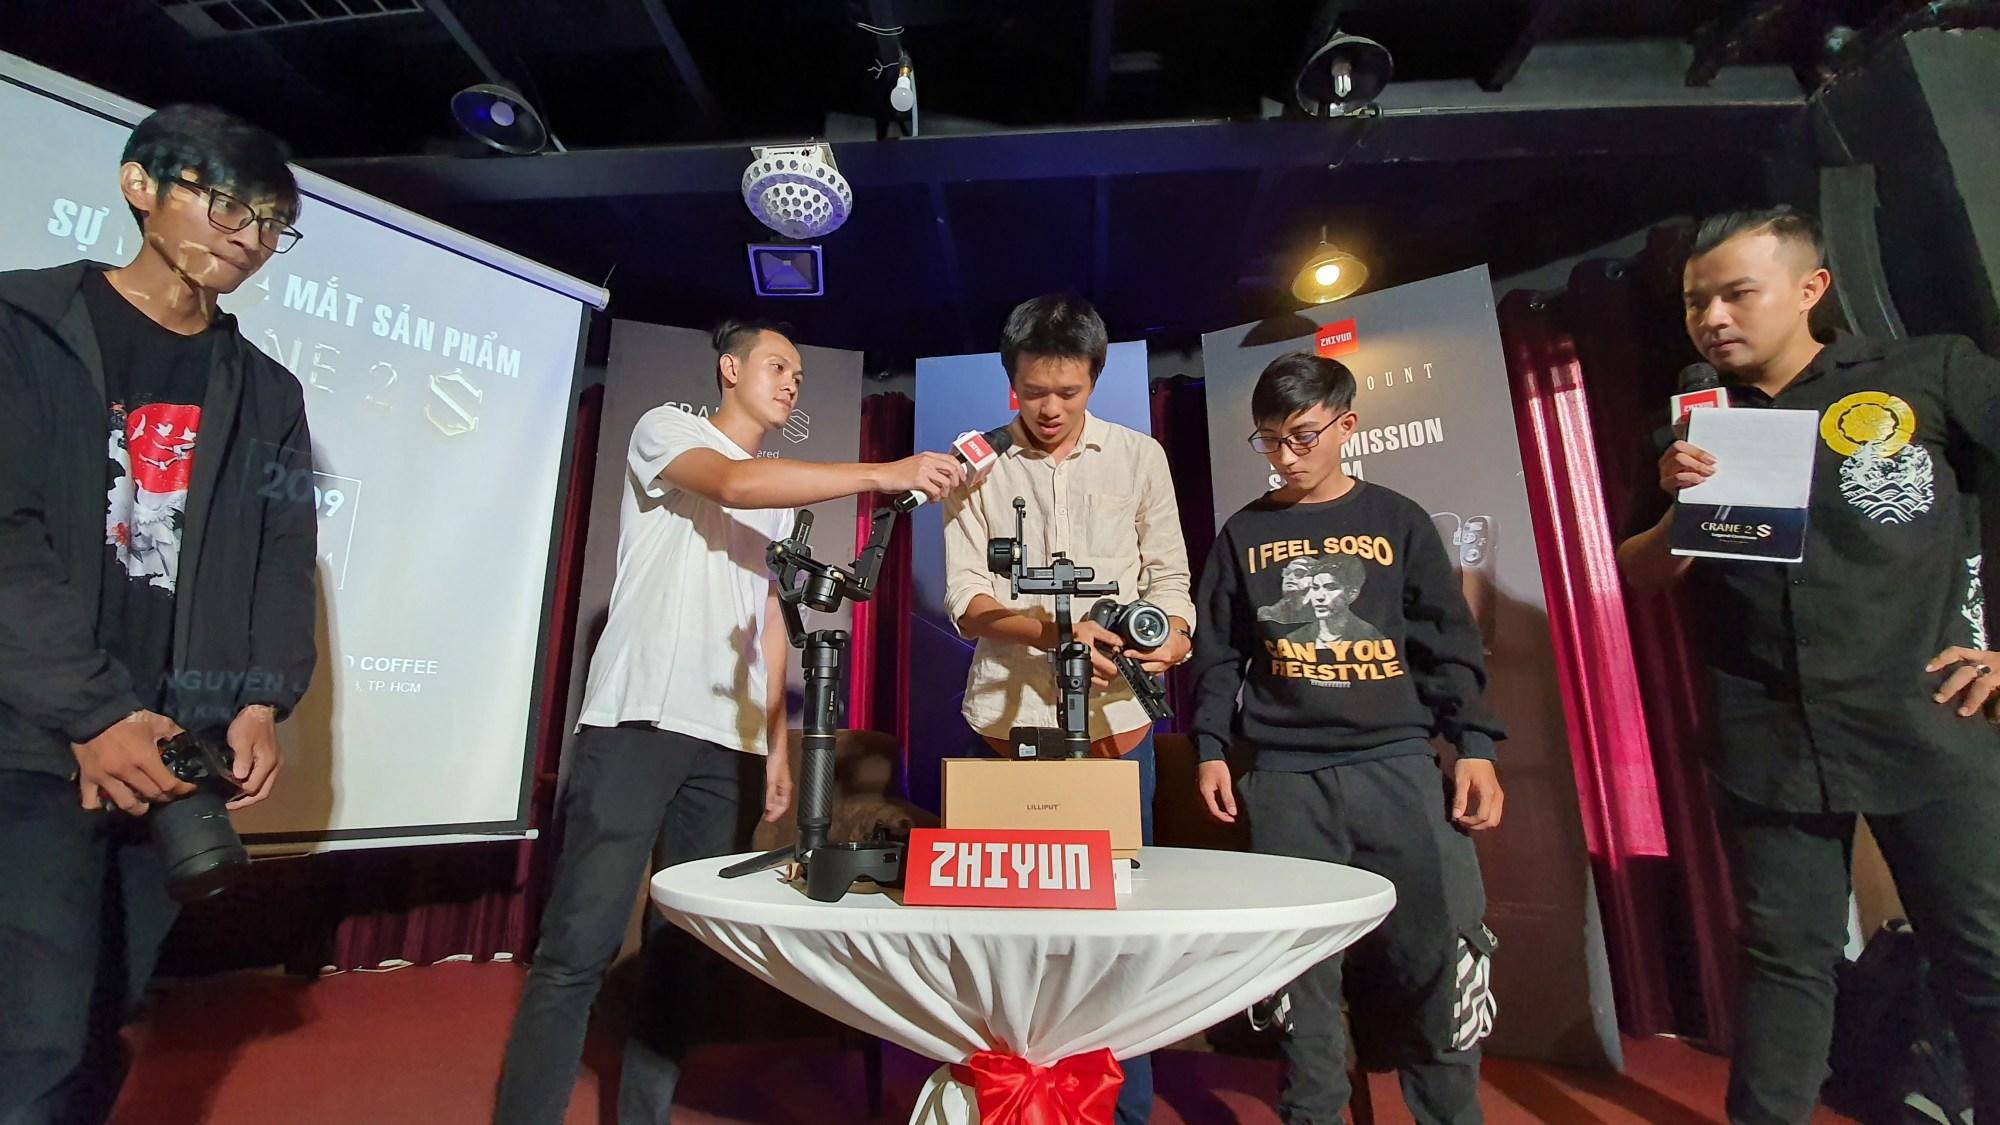 Gimbal Zhiyun CRANE 2S chính thức ra mắt tại Việt Nam: chịu tải lớn, thiết lập linh hoạt, gía 13.9 triệu đồng - Ảnh 6.